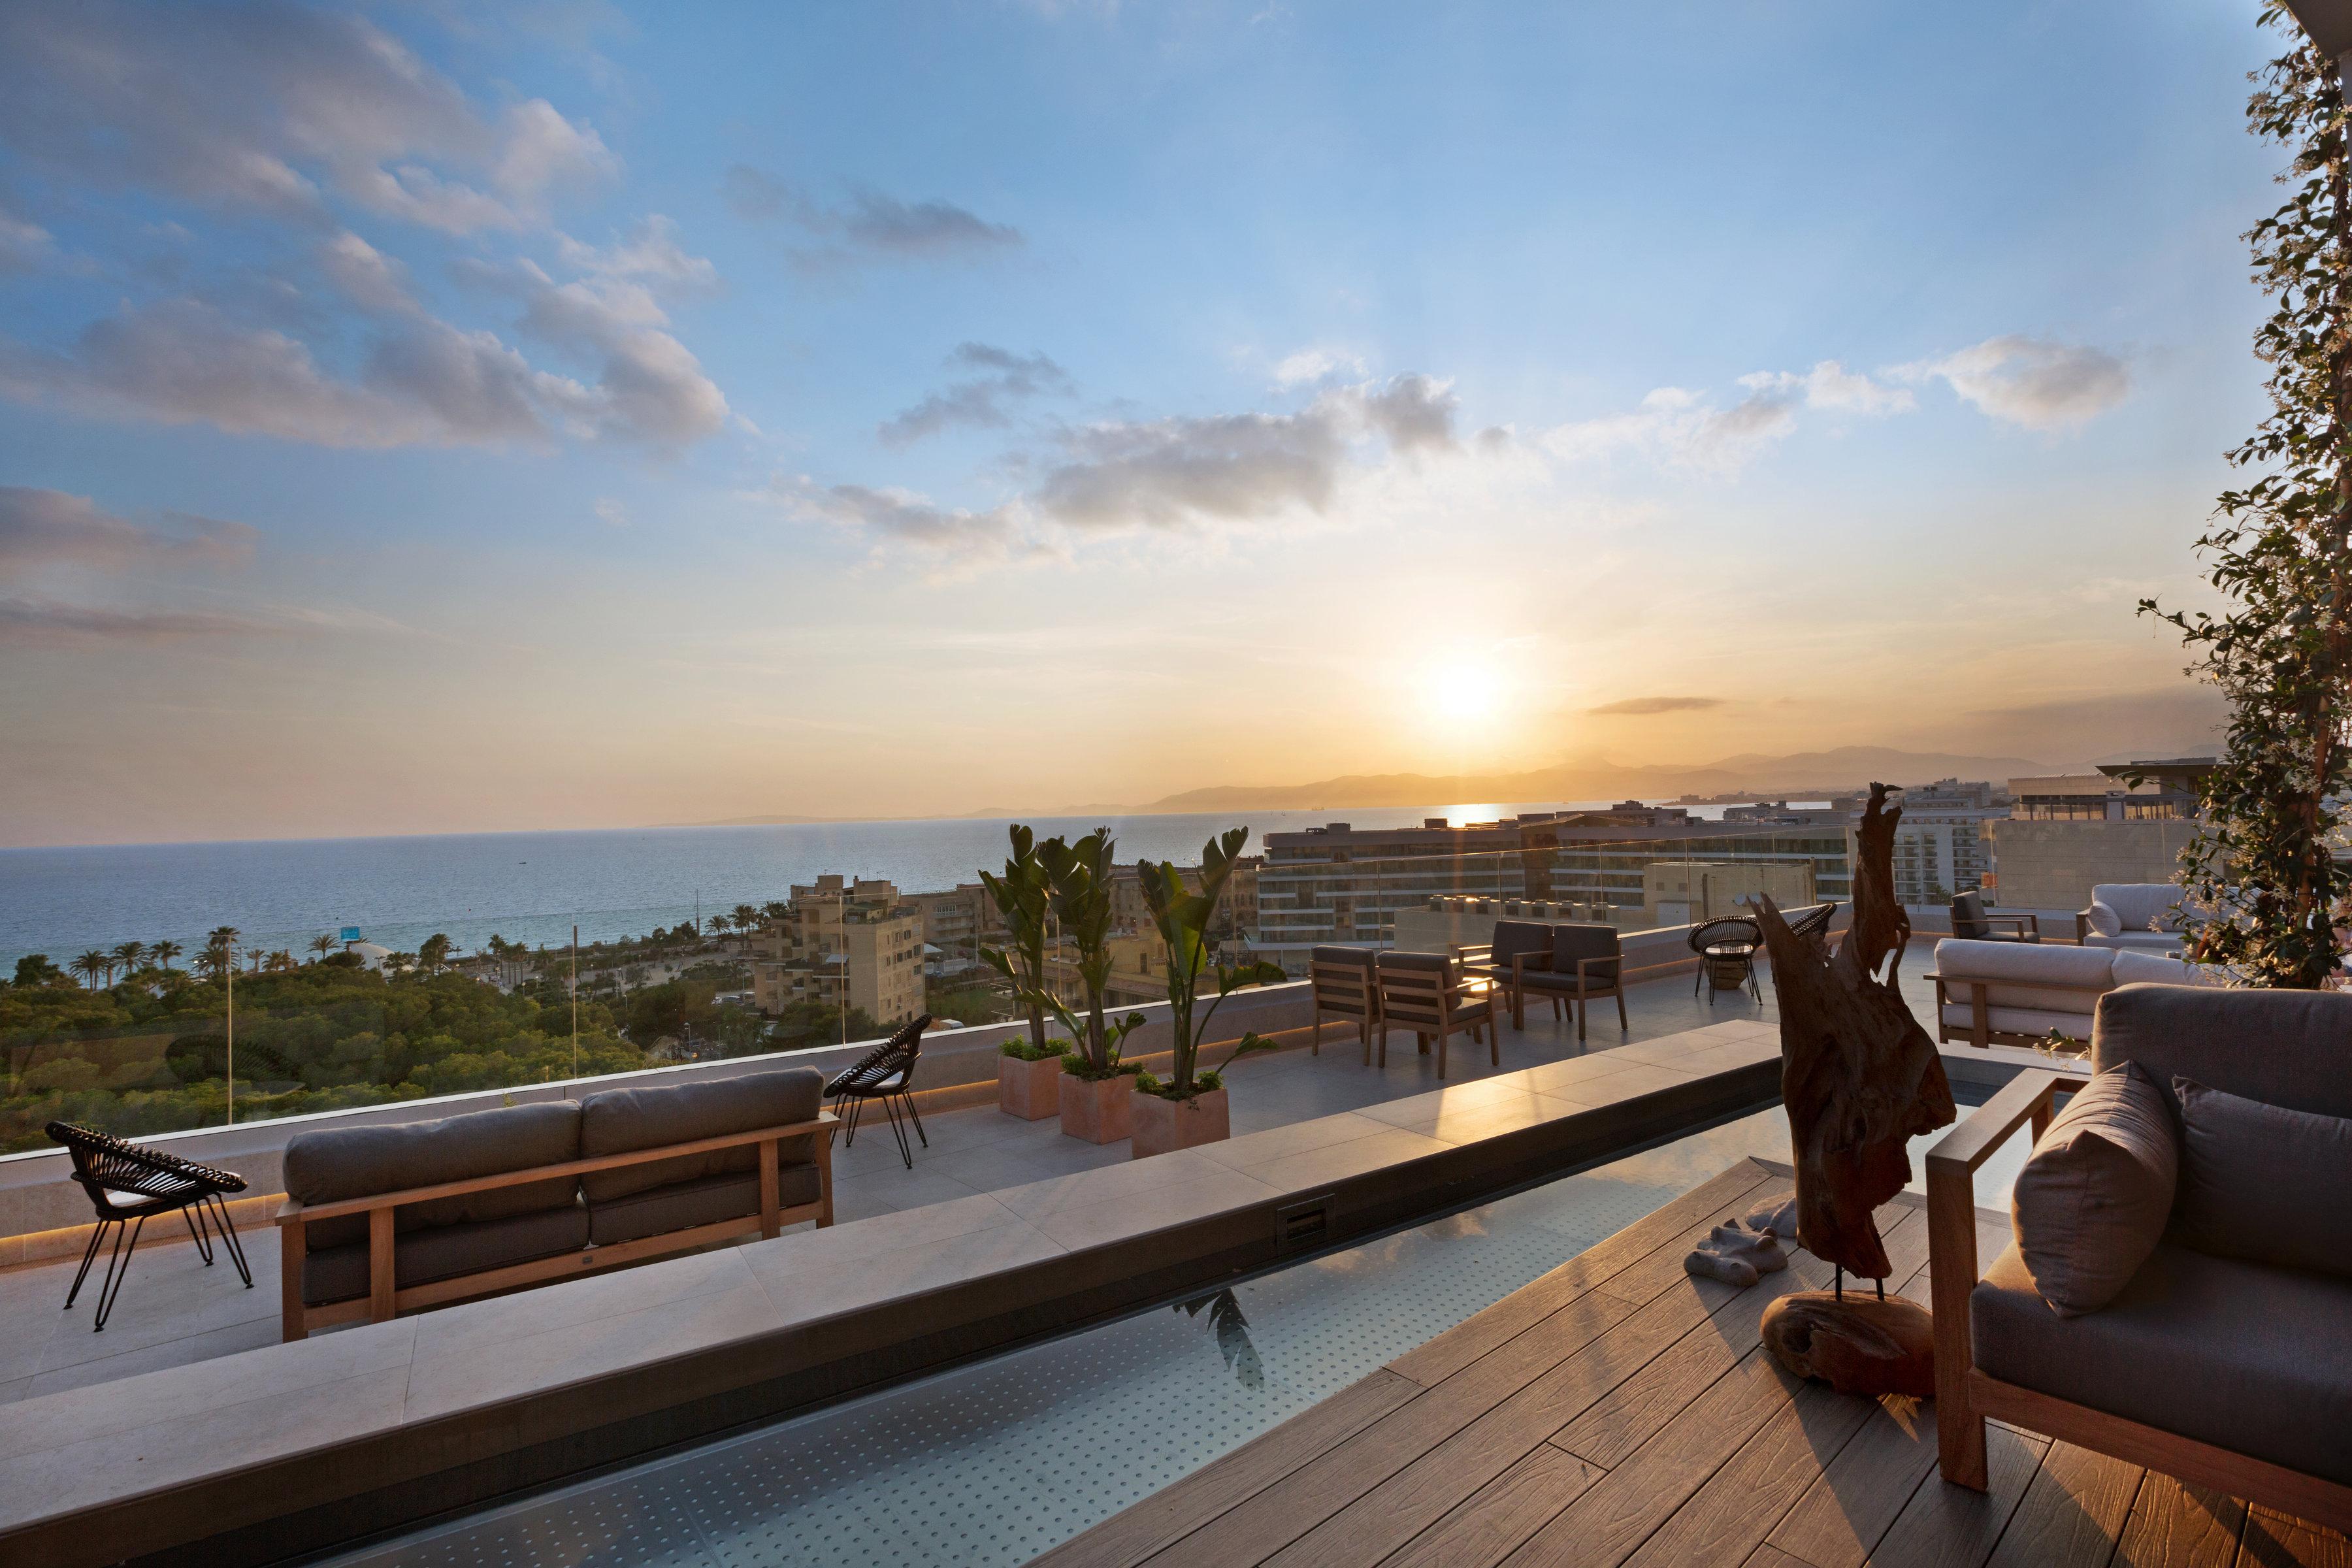 Hotel Am Ballermann 6 Entspannende Auszeit Mit Lebendigem Nightlife